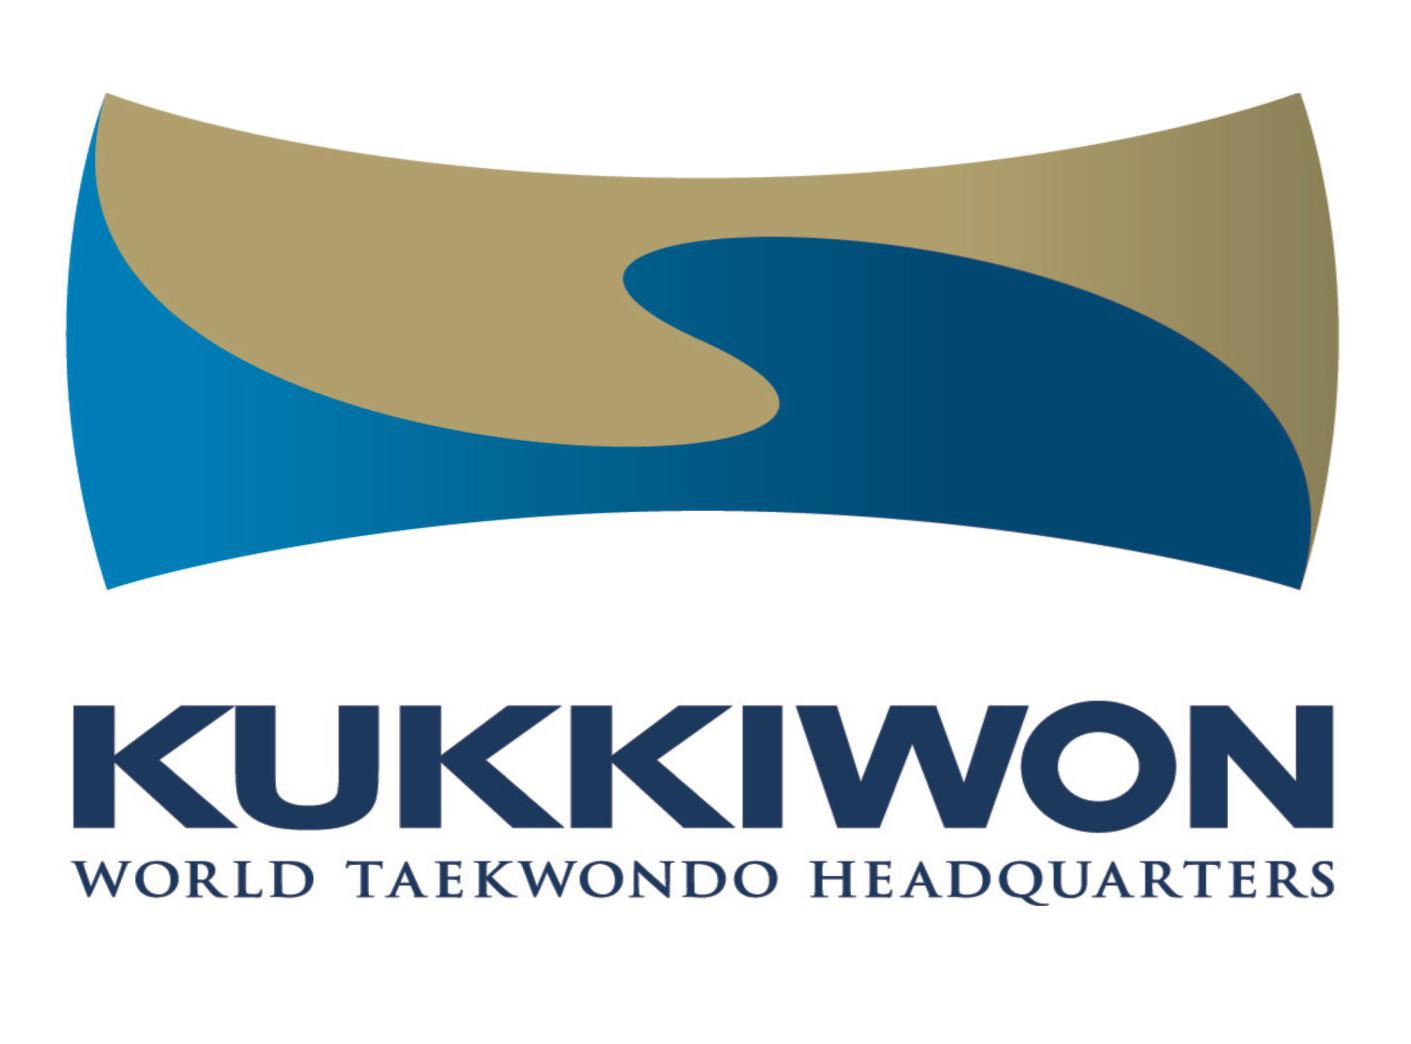 Kukkiwon Official Logo